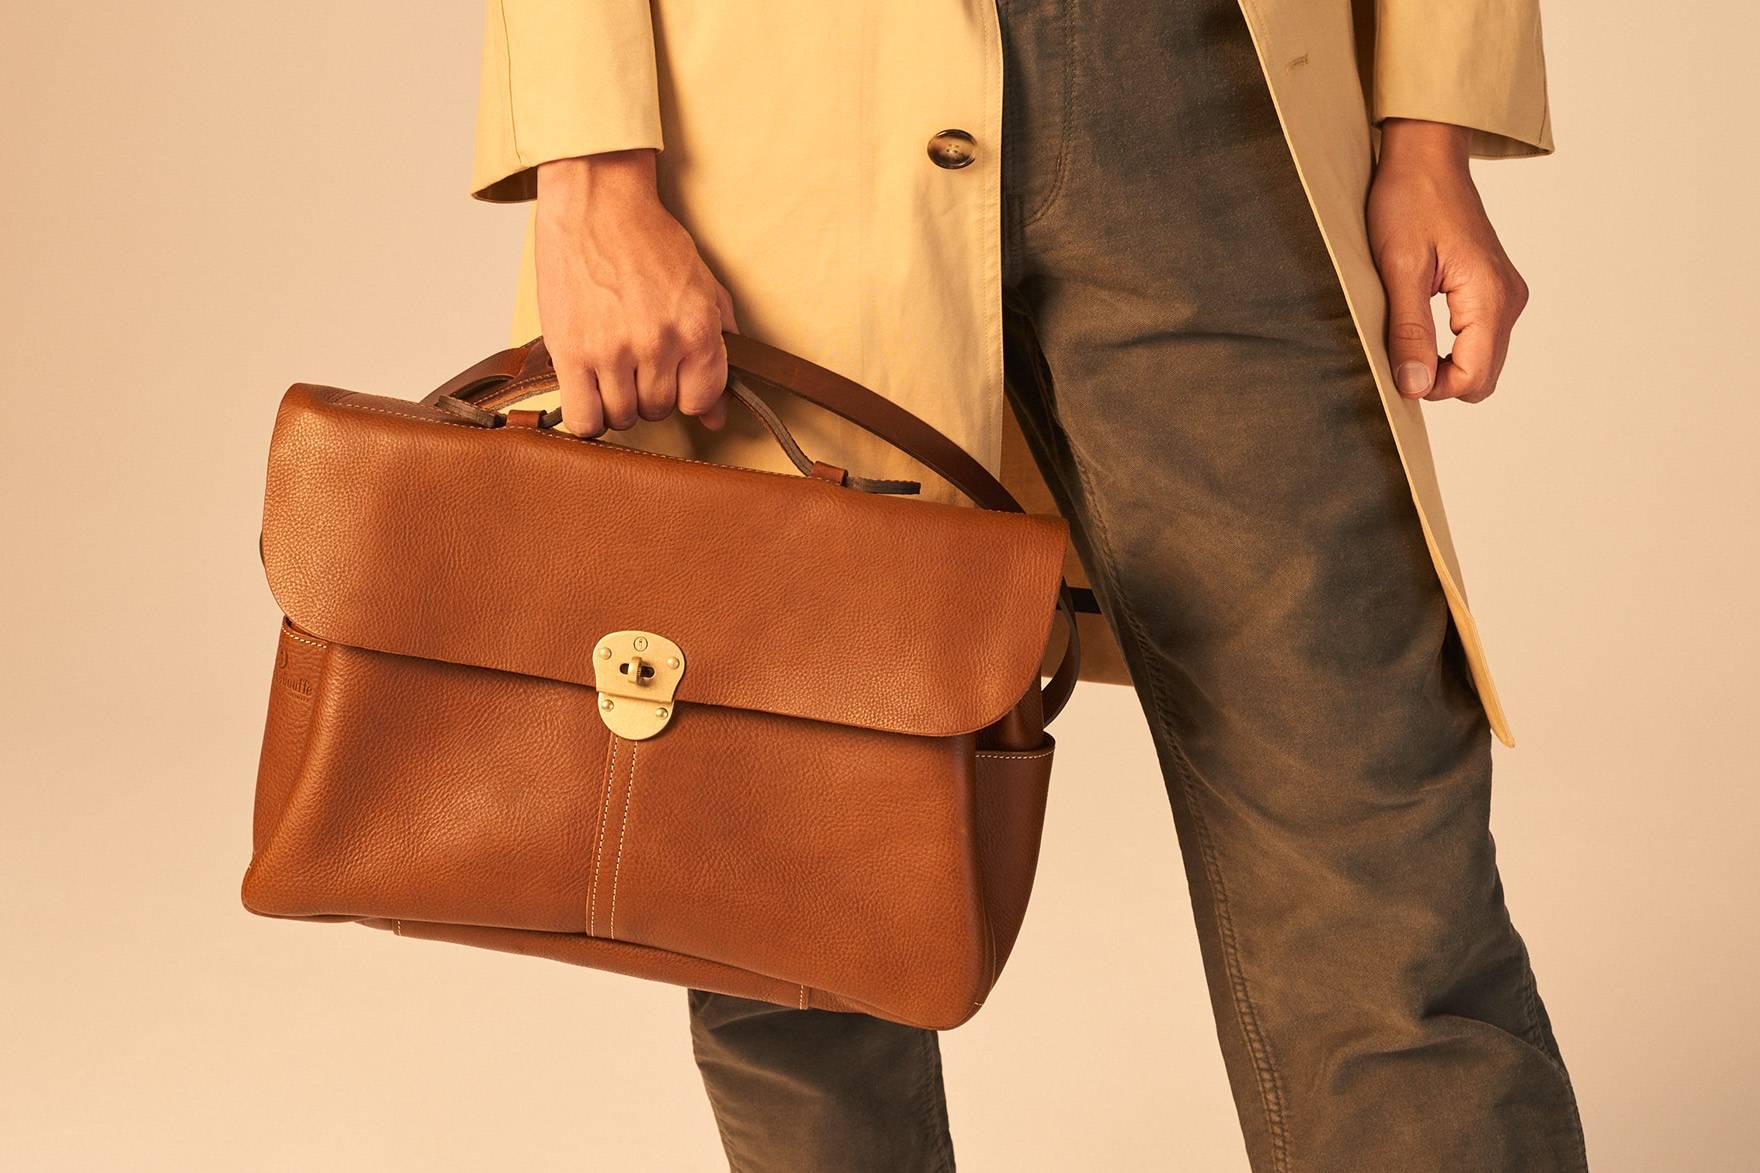 适合通勤的法产手工包袋,还有比BLEU DE CHAUFFE更适合的吗?